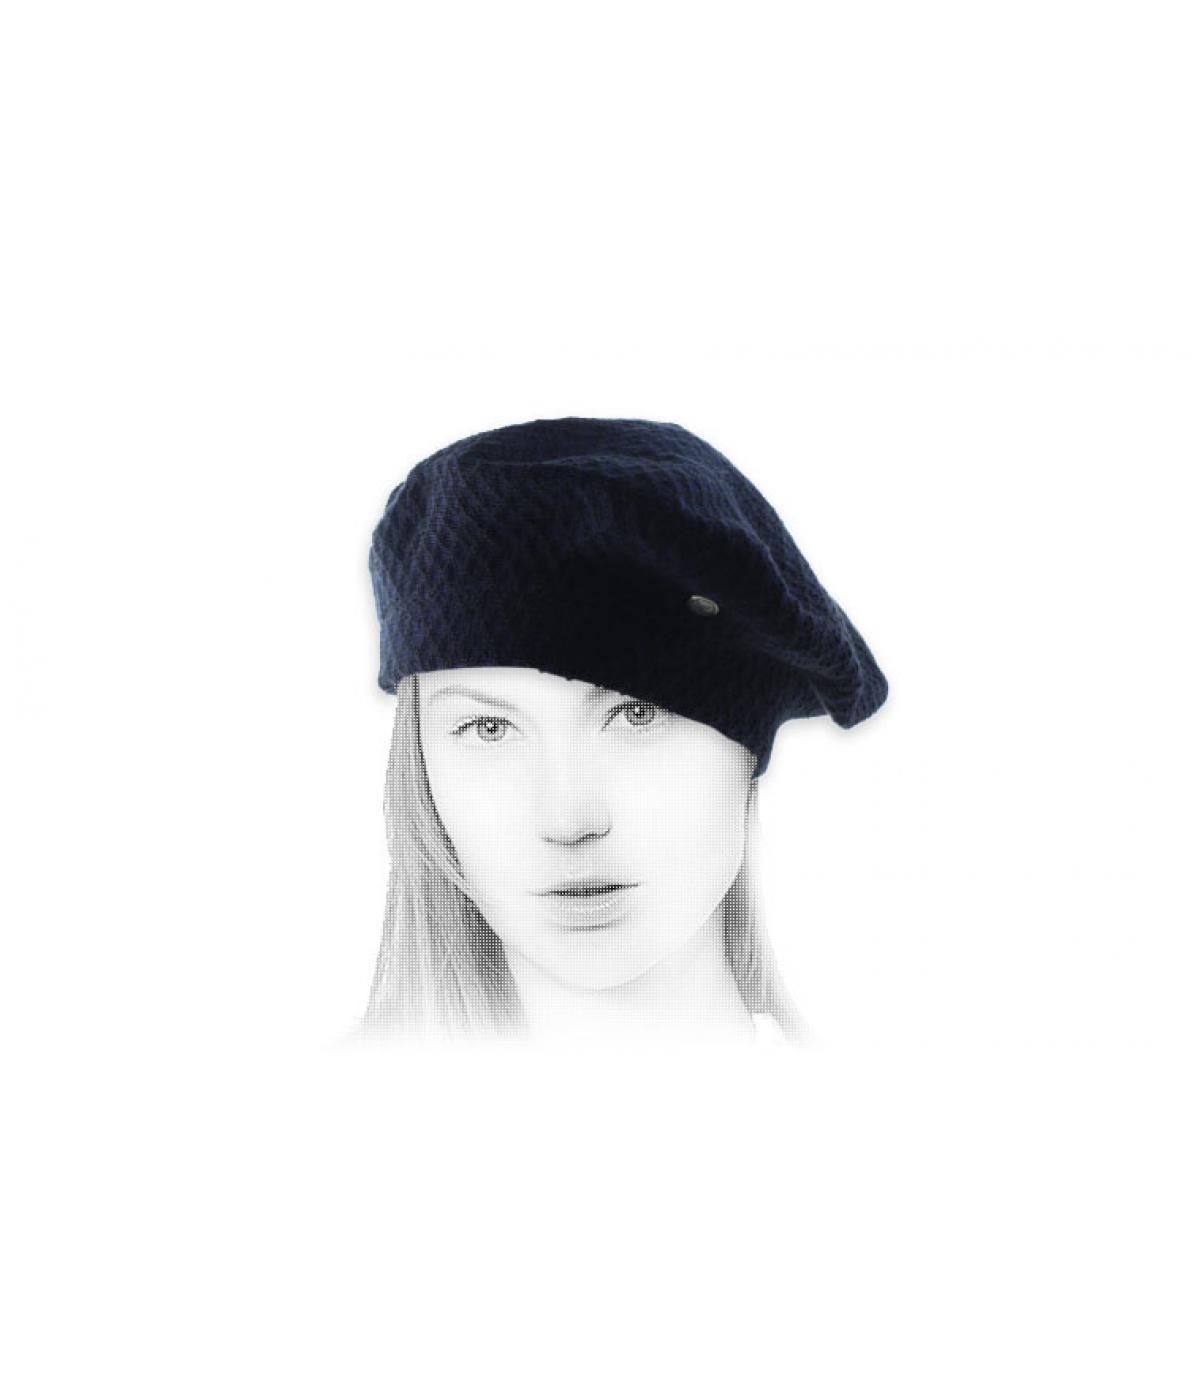 berretto Laulhère cotone blu